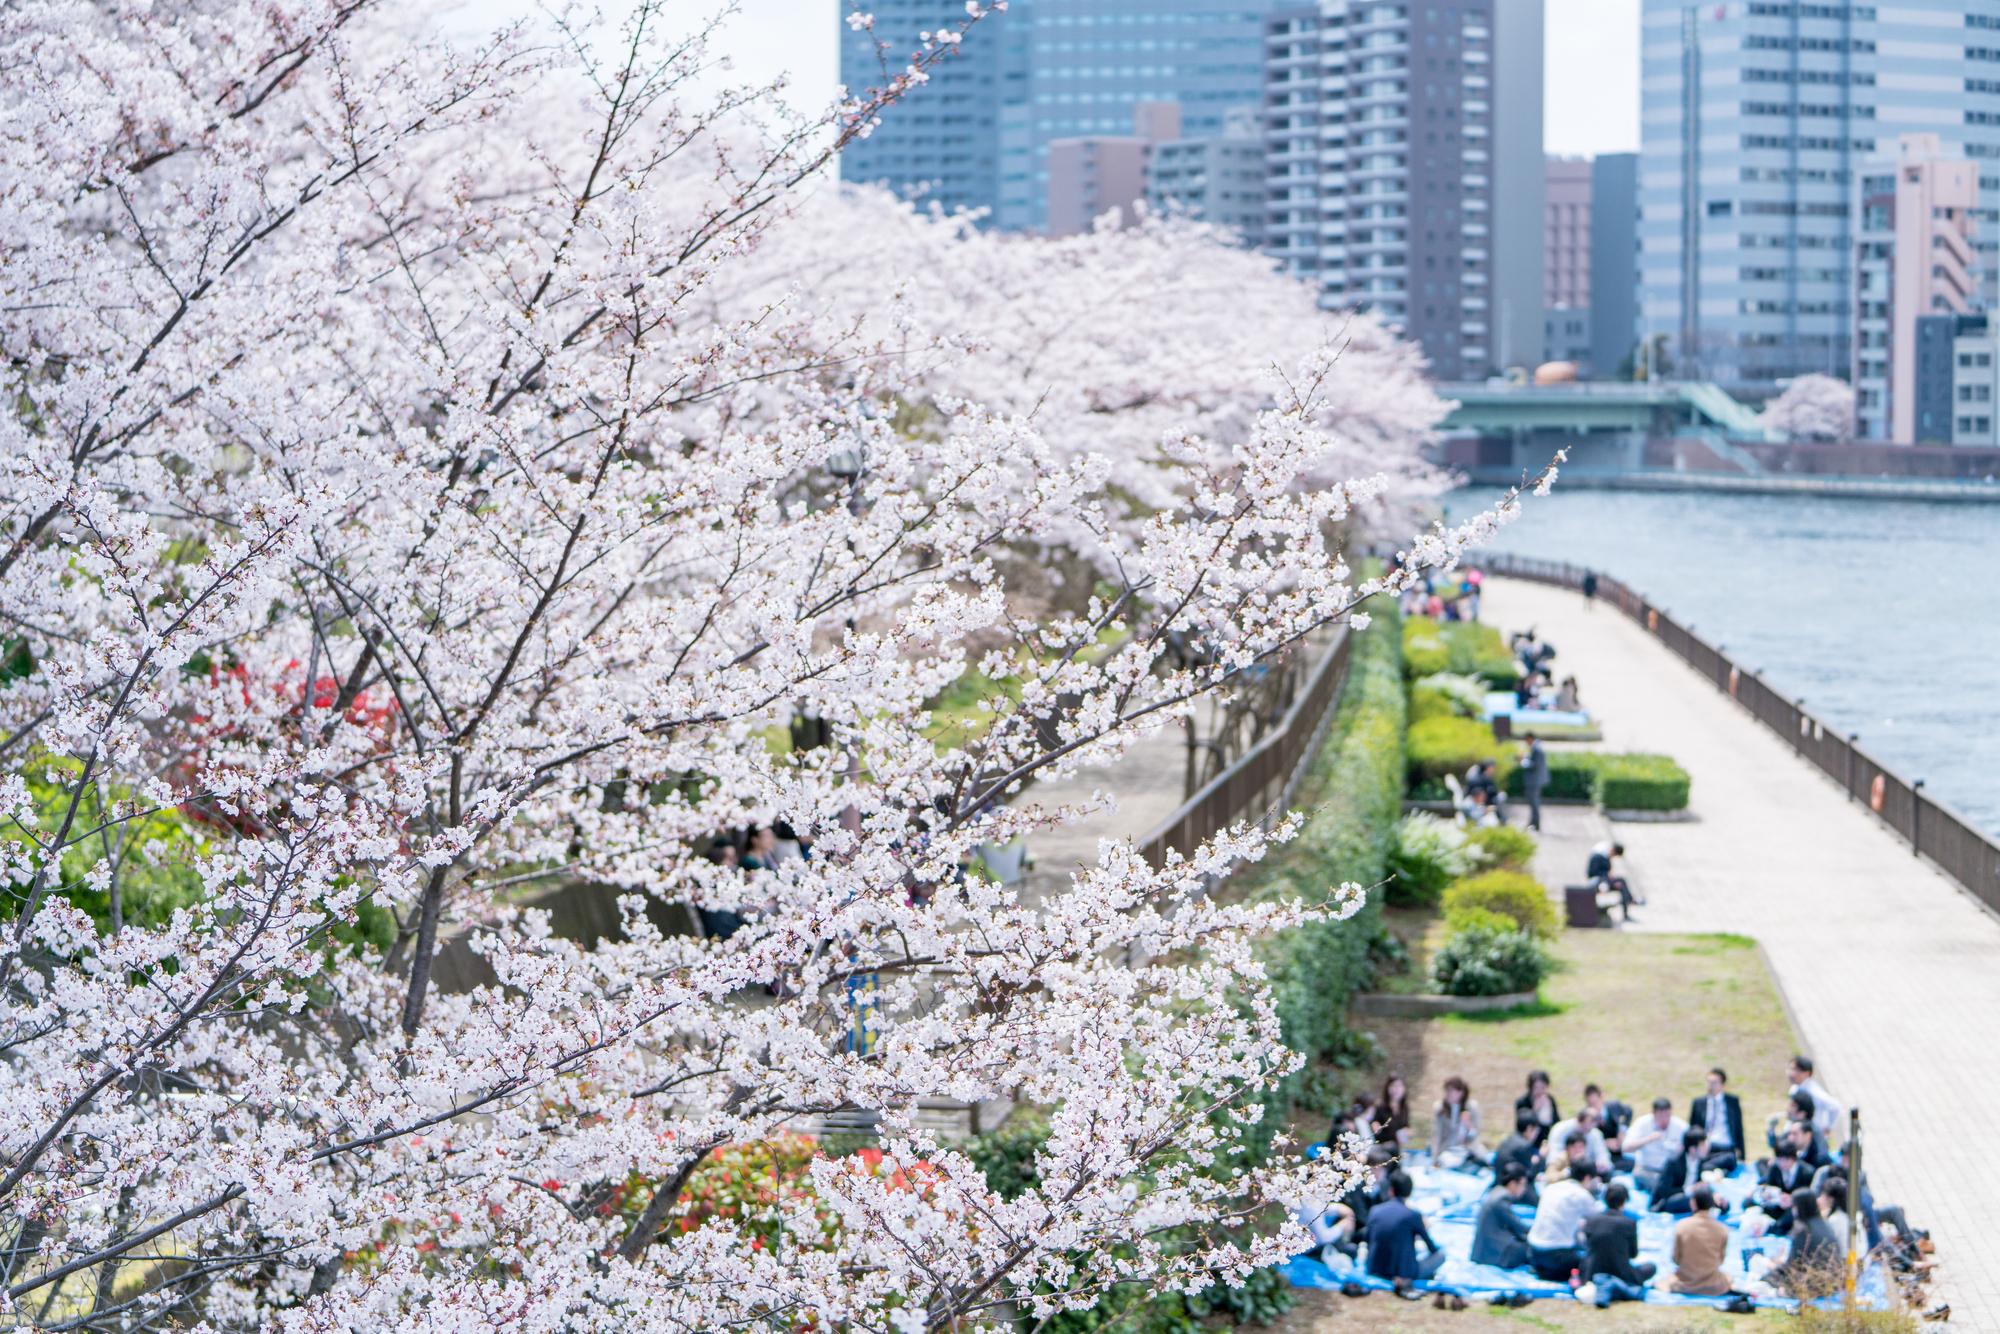 咲き誇る桜の下でお花見